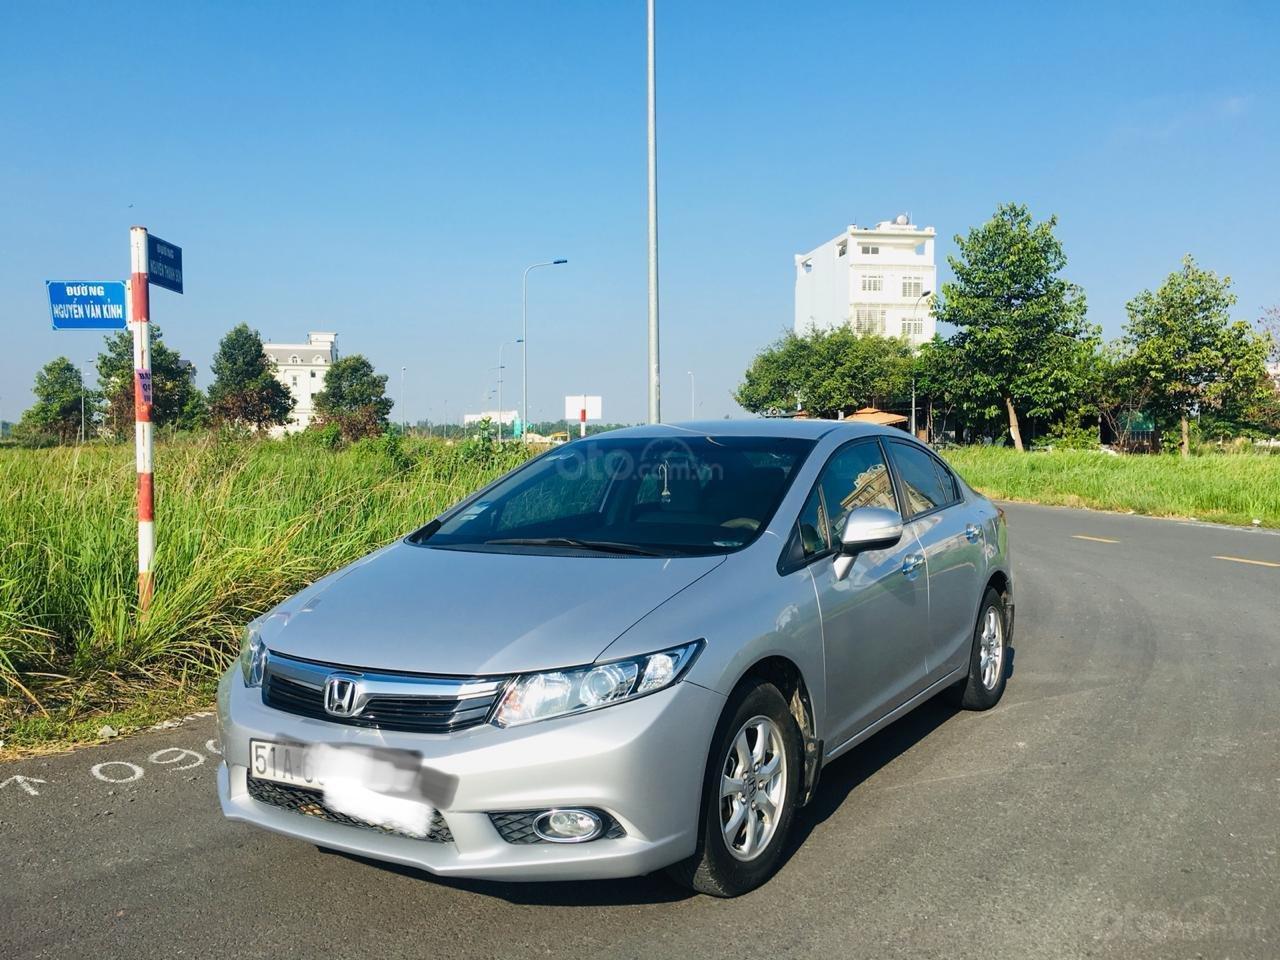 Honda Civic xe nhà, giữ cẩn thận, đẹp như mới mua-3